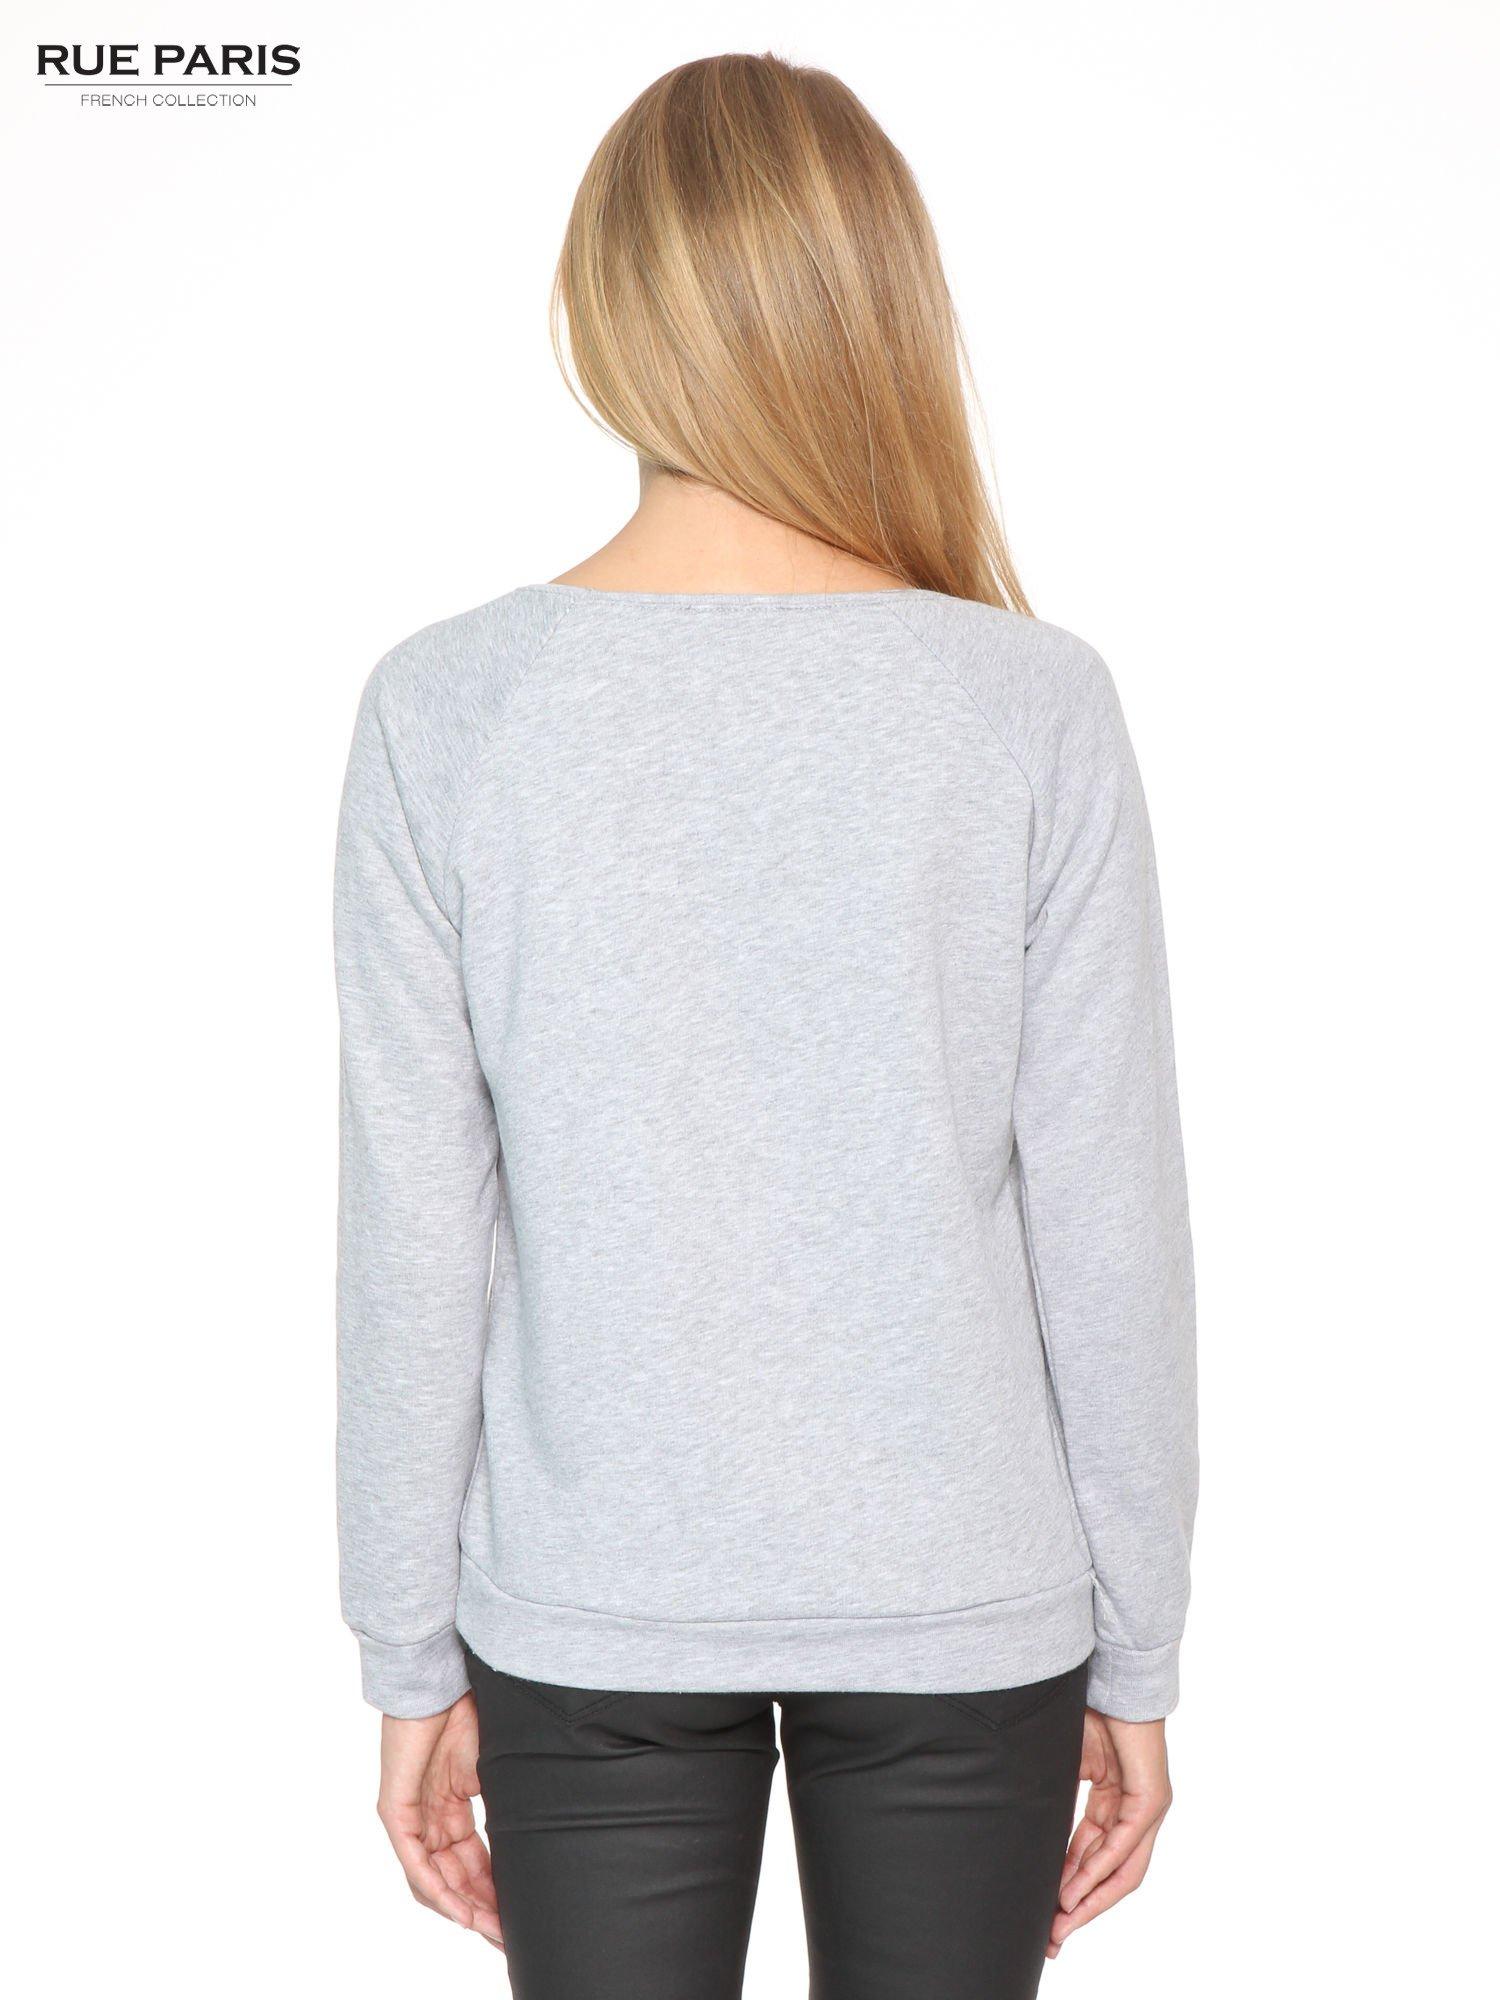 Szara dresowa bluza z koronkową wstawką przy dekolcie                                  zdj.                                  4